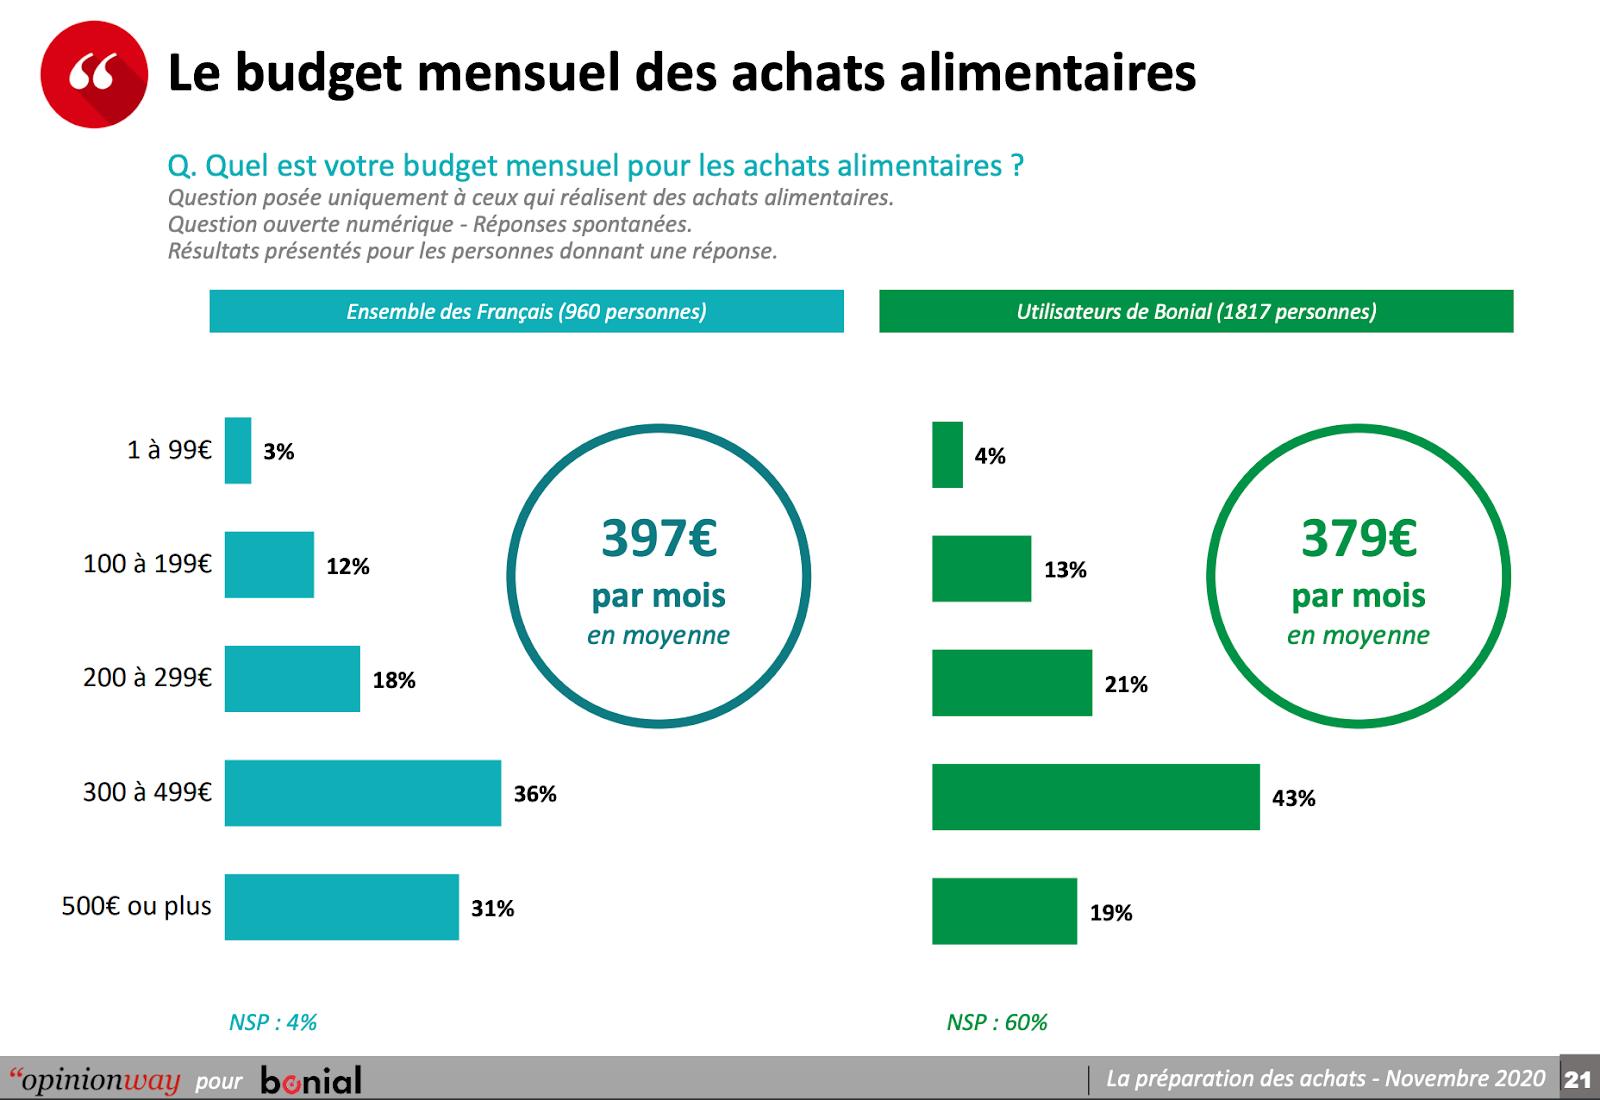 budgets alloues pour les achats alimentaires 2020